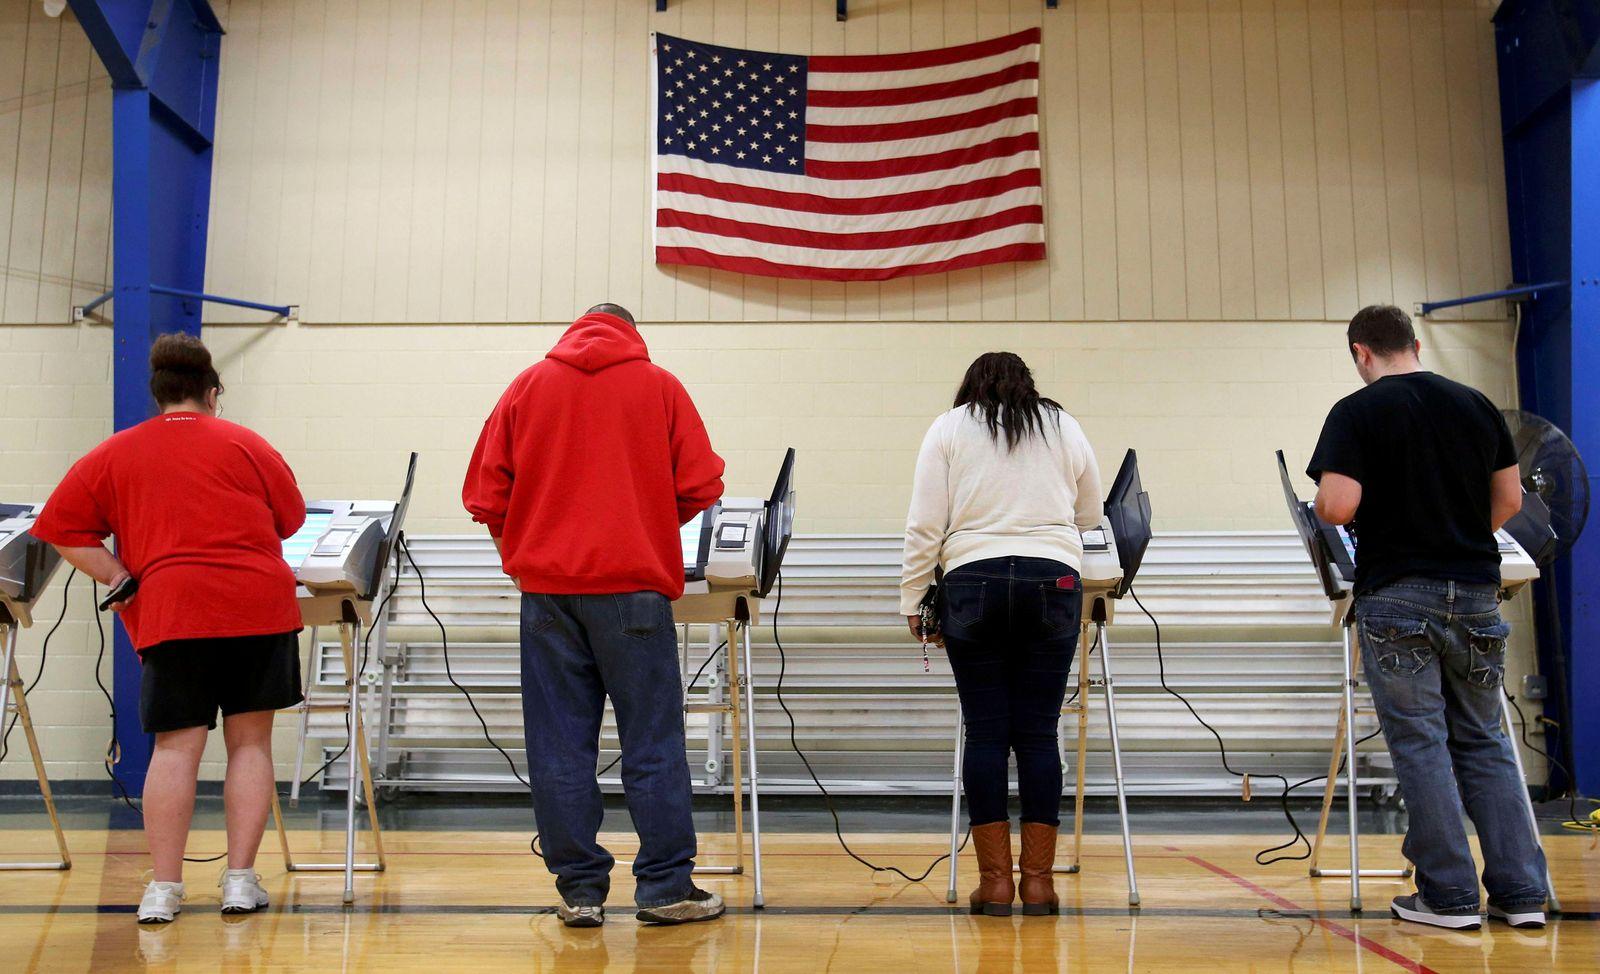 US Wahlen/ USA 2016/ Präsidentschaftswahlen/ Wähler/ Wahlurne/ Stimmabgabe